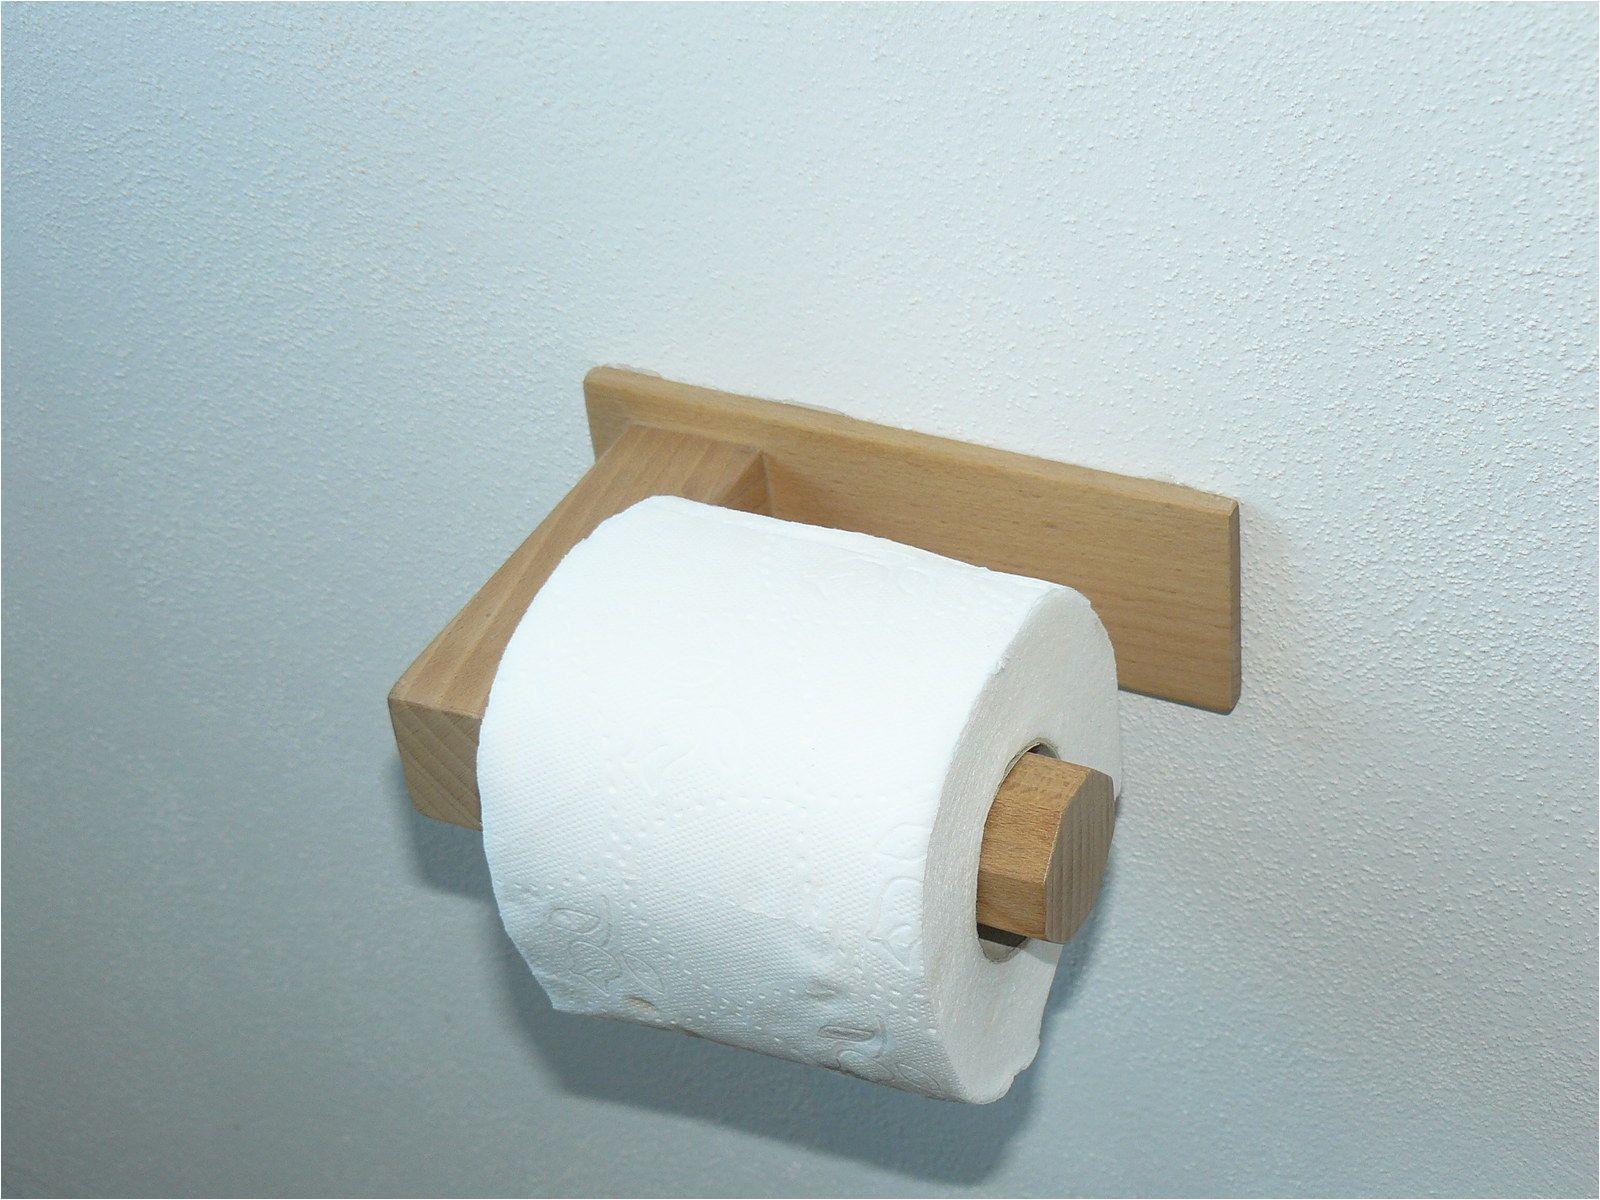 toilet paper holder da eva na dra ak na toaletna papa r wc dra ak dra ak na toaletna papa r poua a va